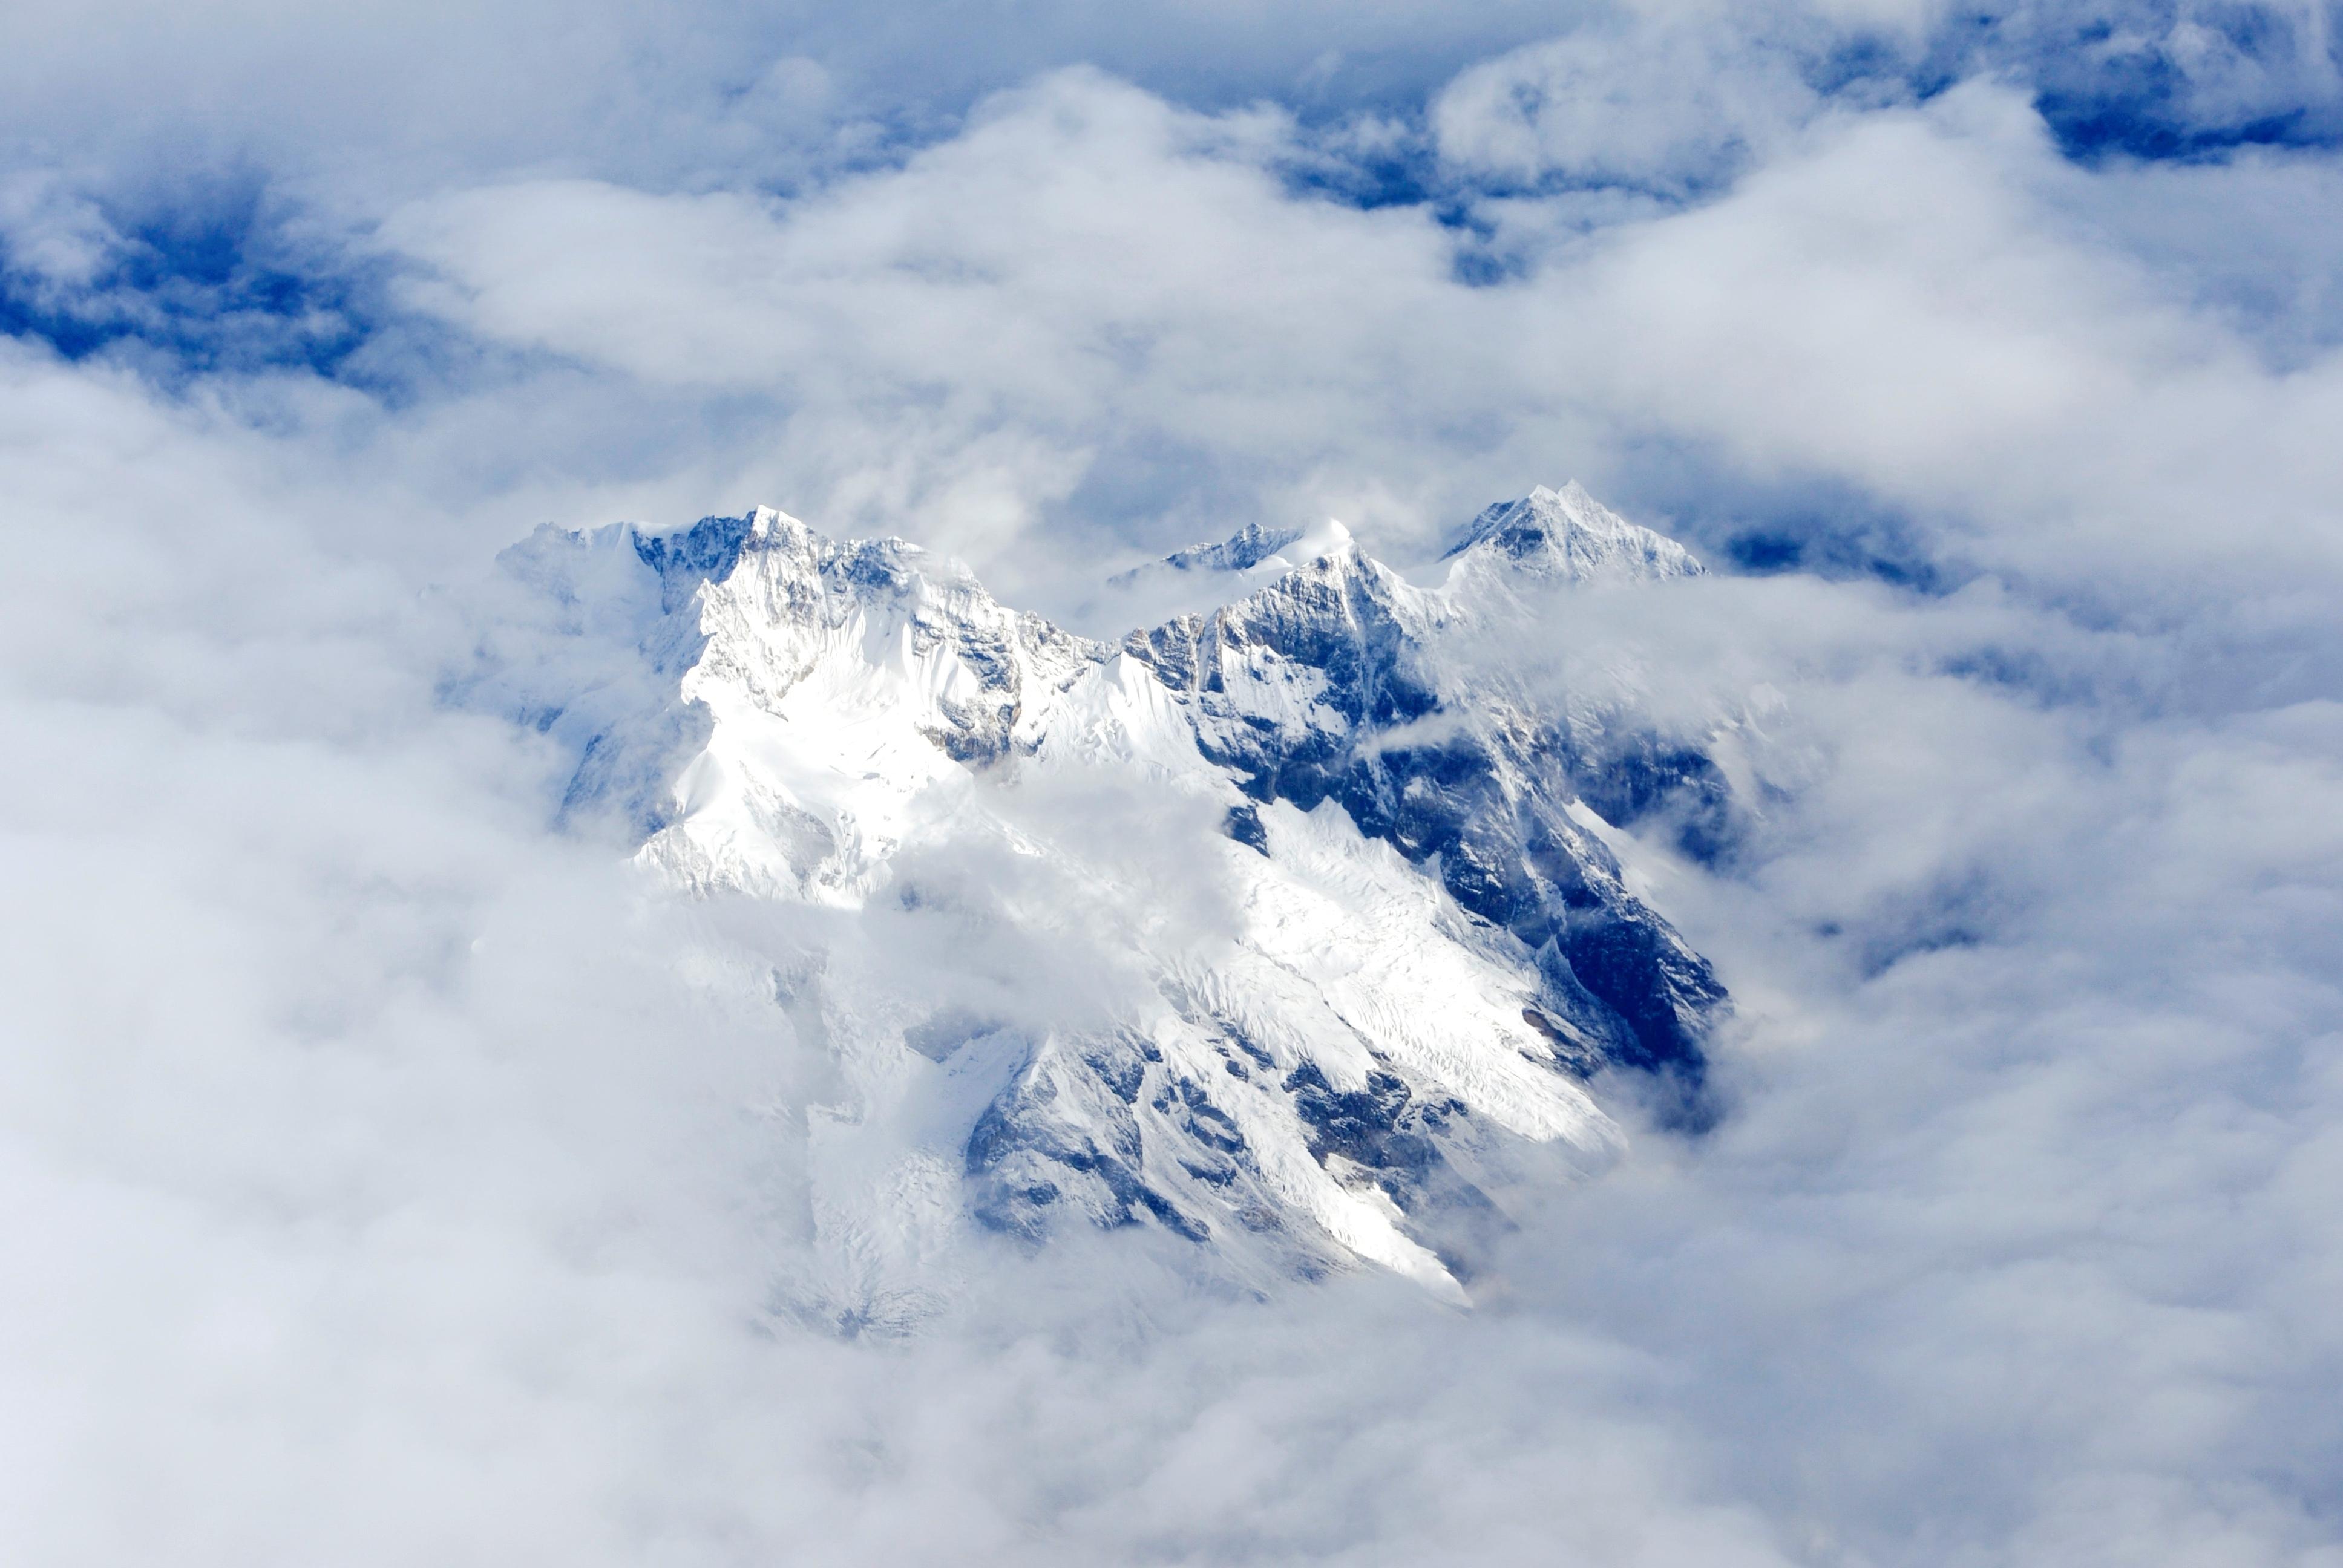 горы скалы небо облака высота природа  № 3352116 загрузить